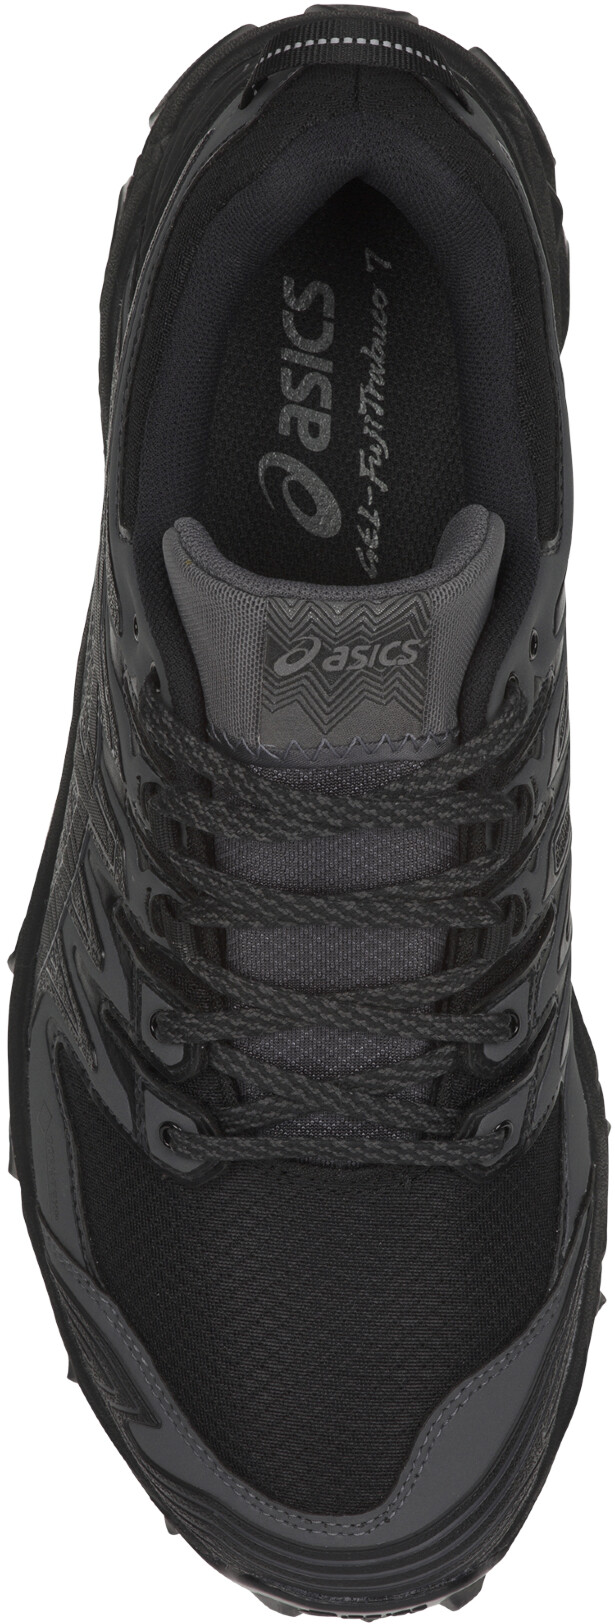 asics Gel FujiTrabuco 7 G TX Schuhe Herren blackdark grey